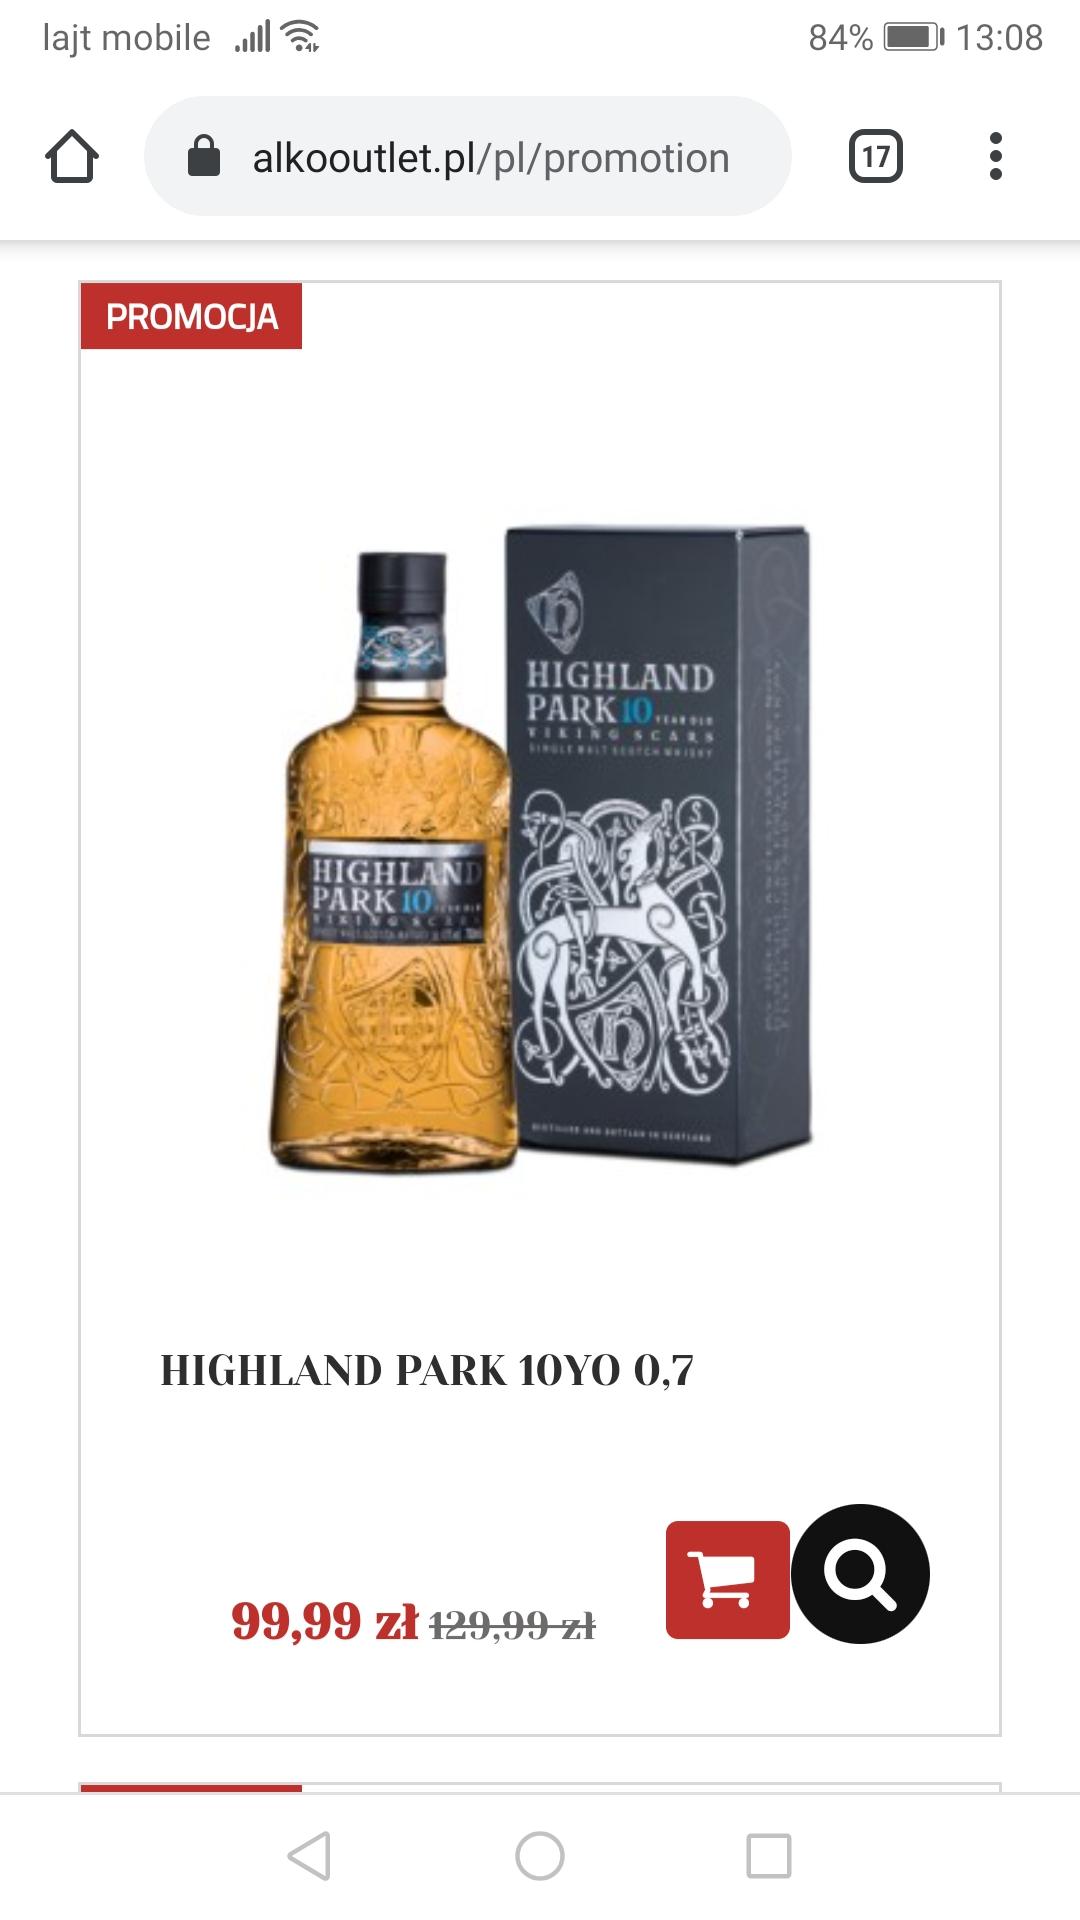 Whisky Highland Park 10 0.7 Sklep Alkooutlet